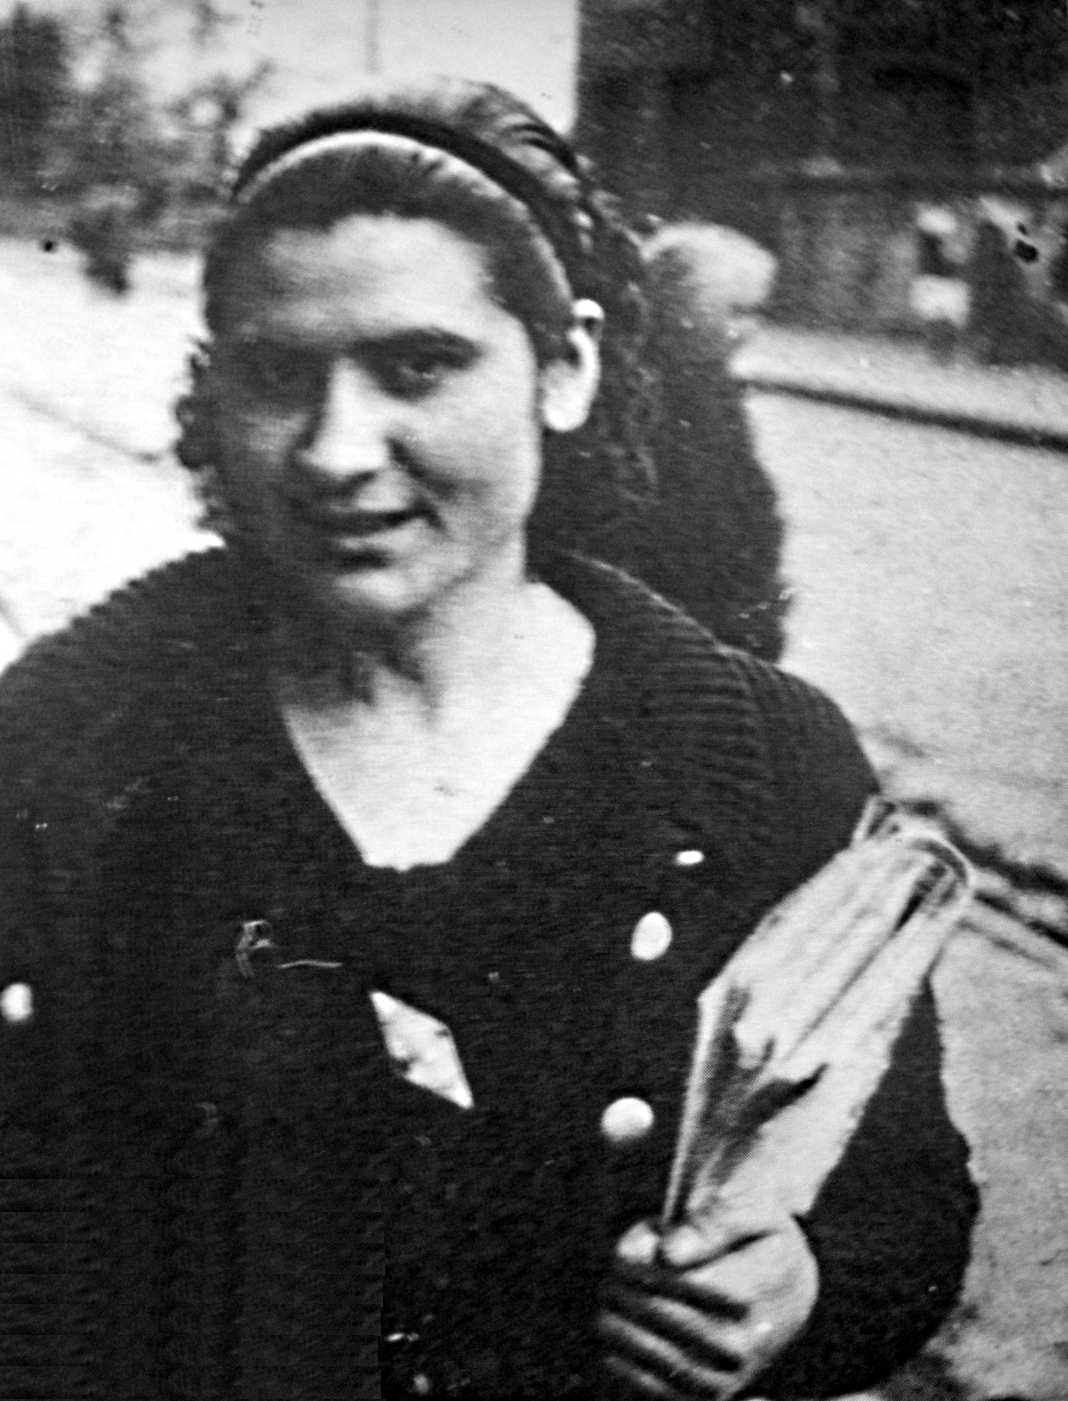 Julia Hermosilla, participante en uno de los atentados contra Franco.